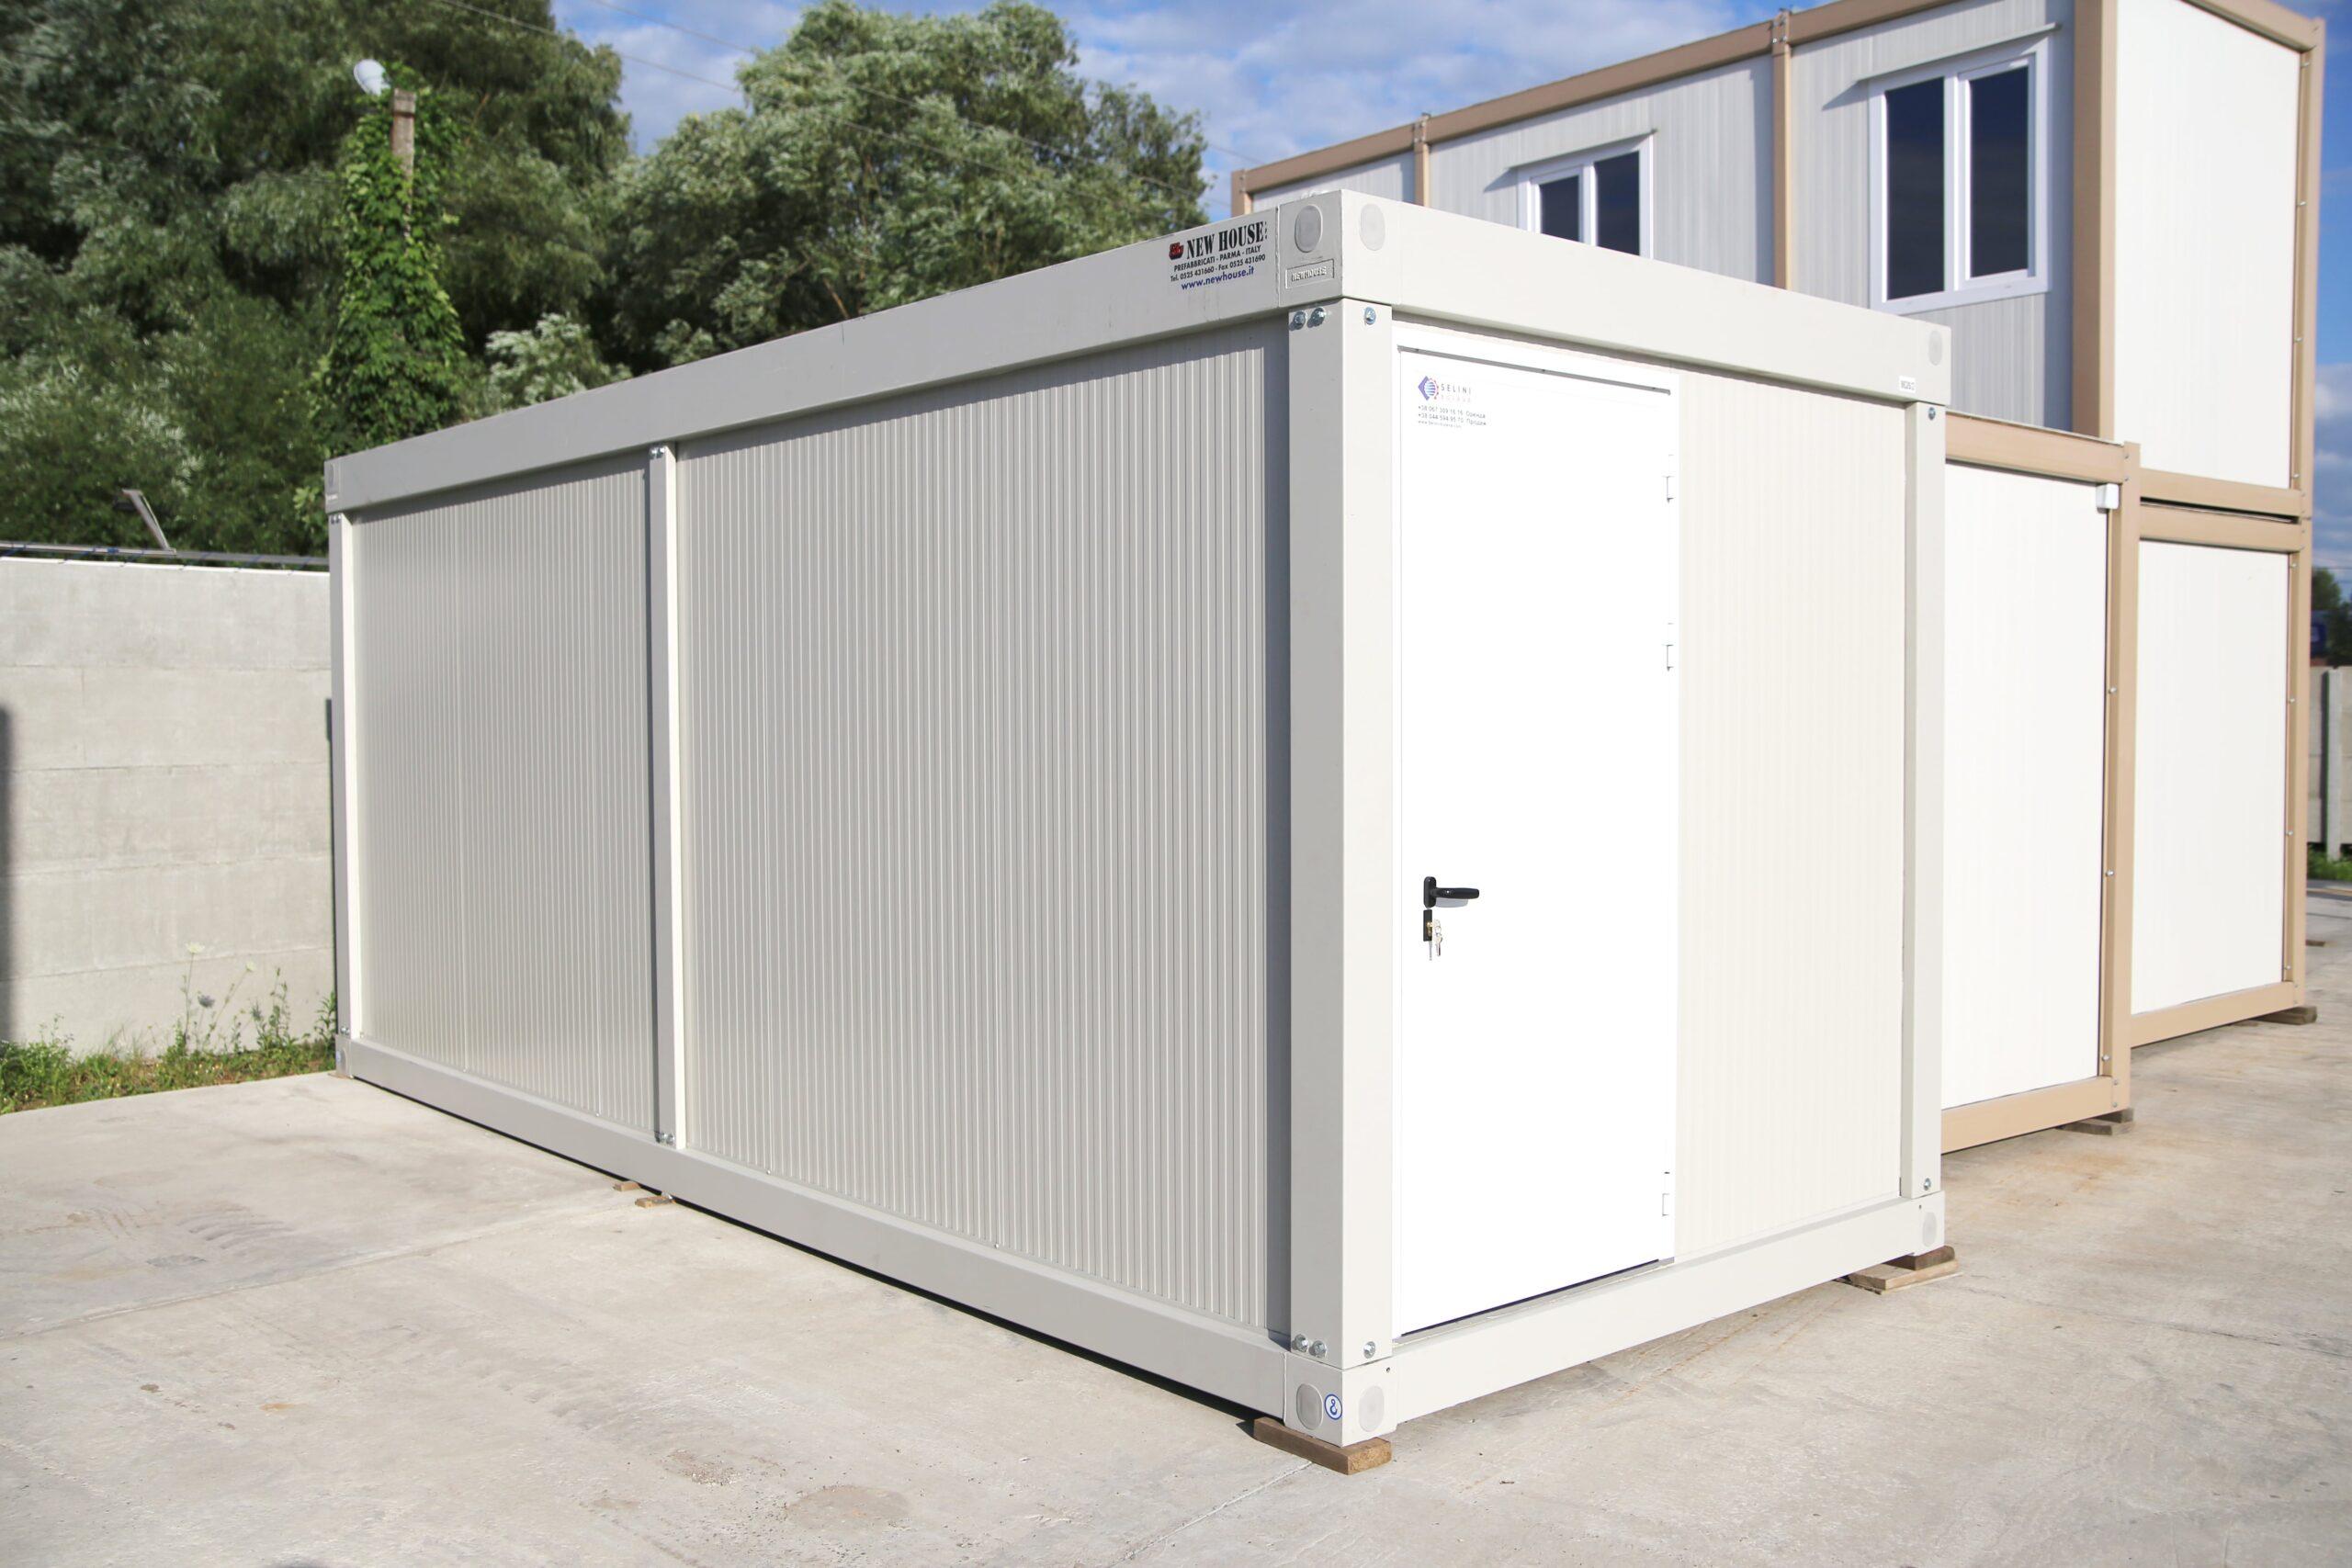 Модульний контейнер 240х600, серія М1, New House, Італія